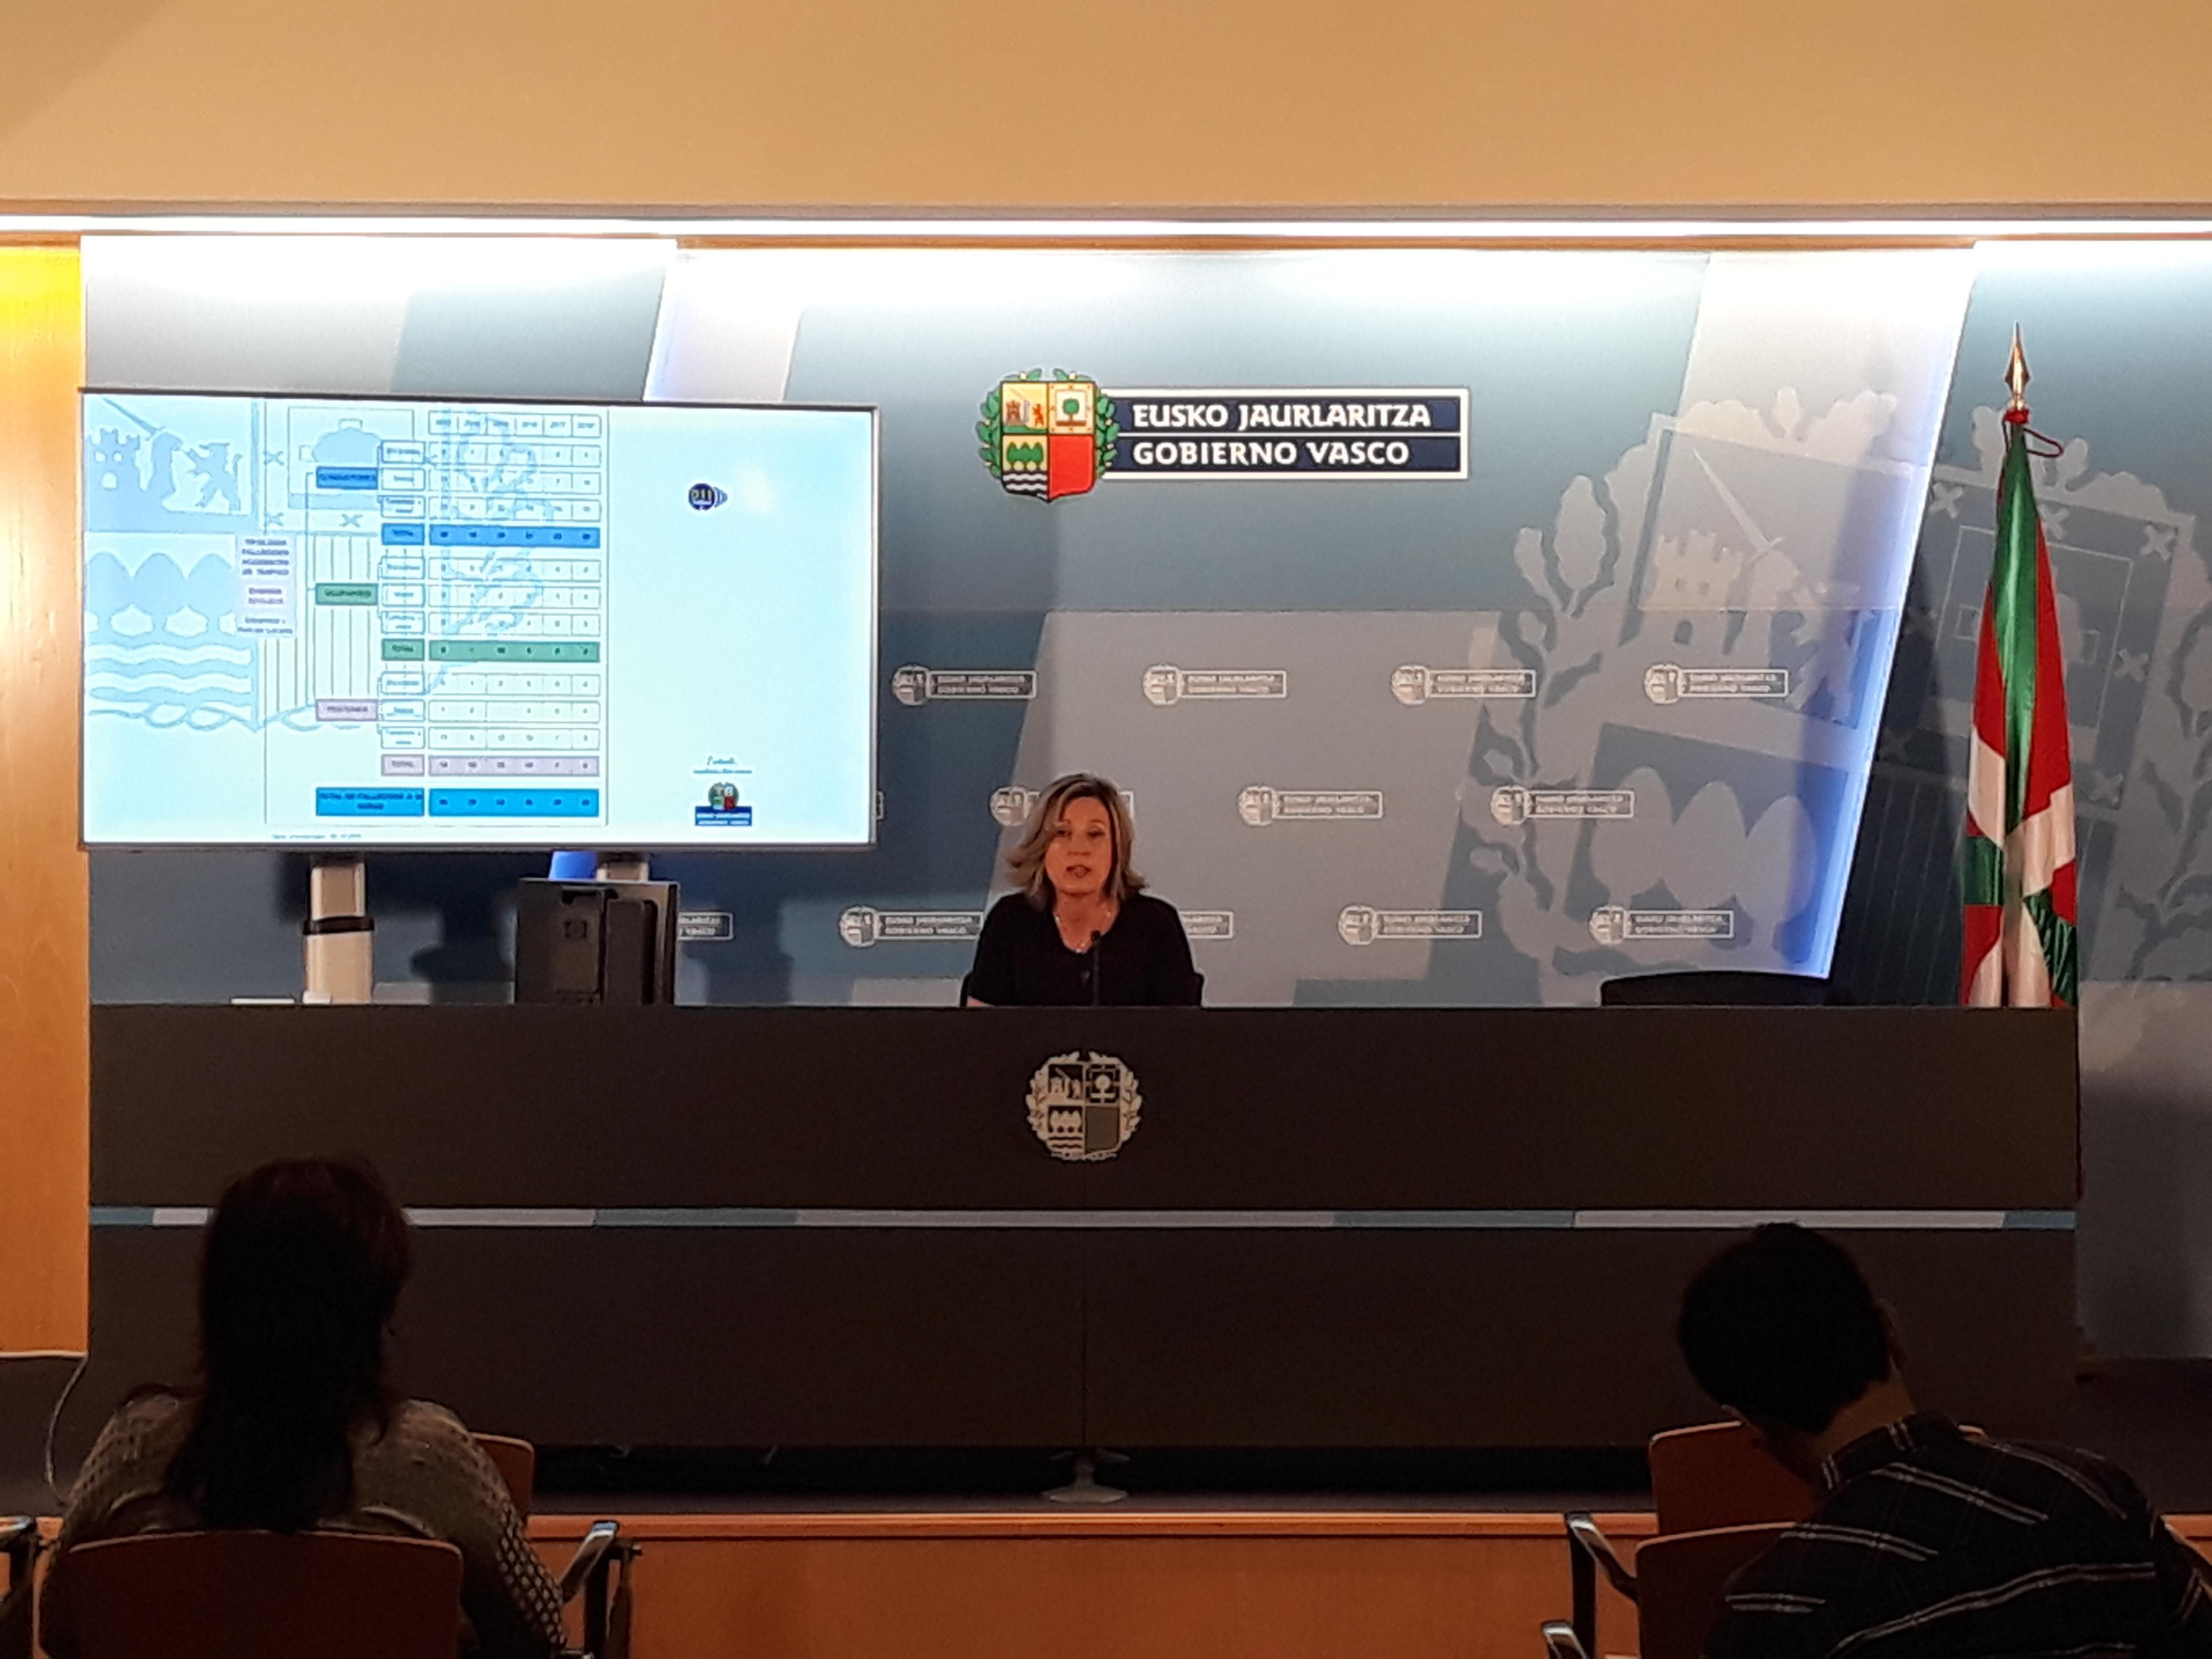 El 55% de las 42 personas fallecidas en accidente de tráfico en Euskadi pertenecían a colectivos vulnerables